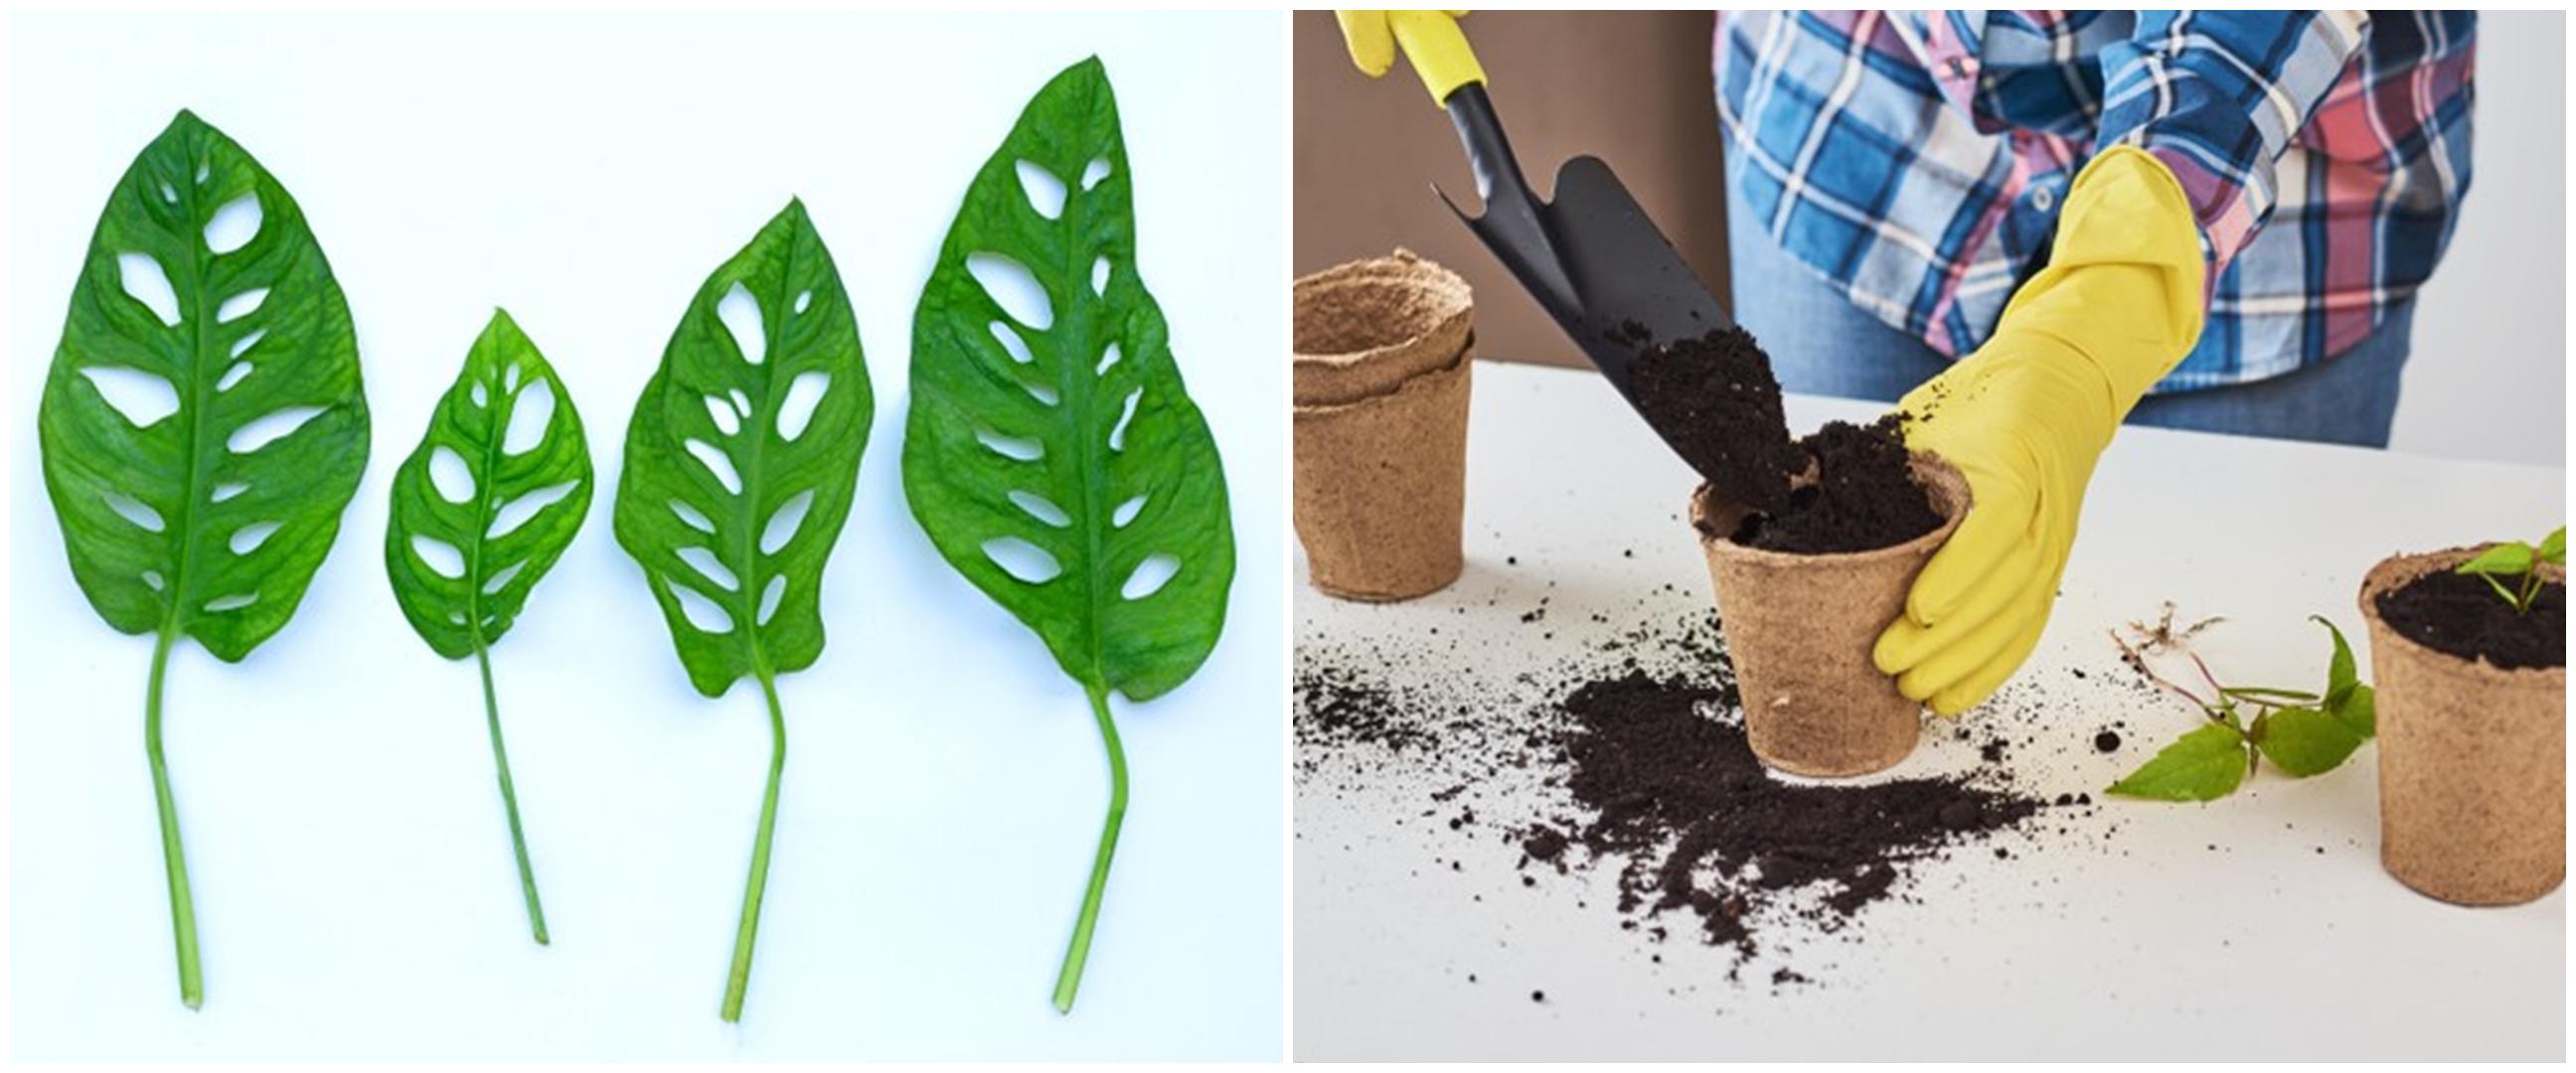 Cara merawat tanaman hias janda bolong indoor dan cara budidayanya